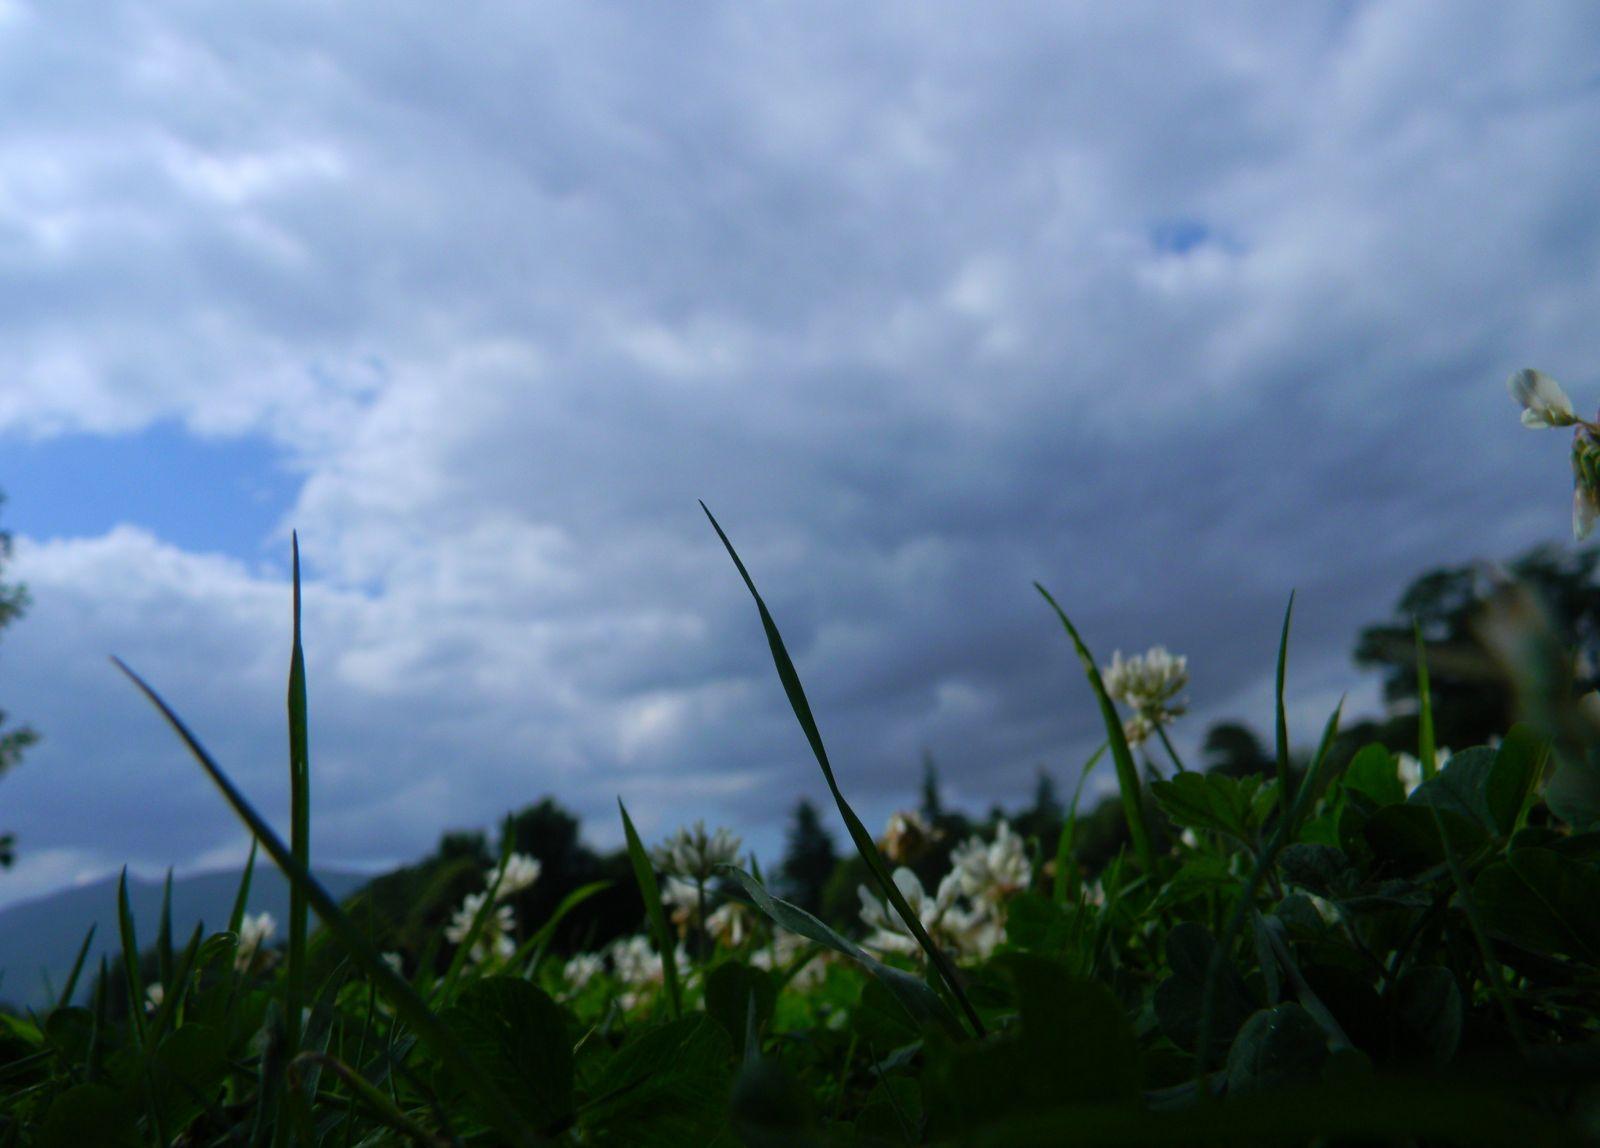 Grass & clouds